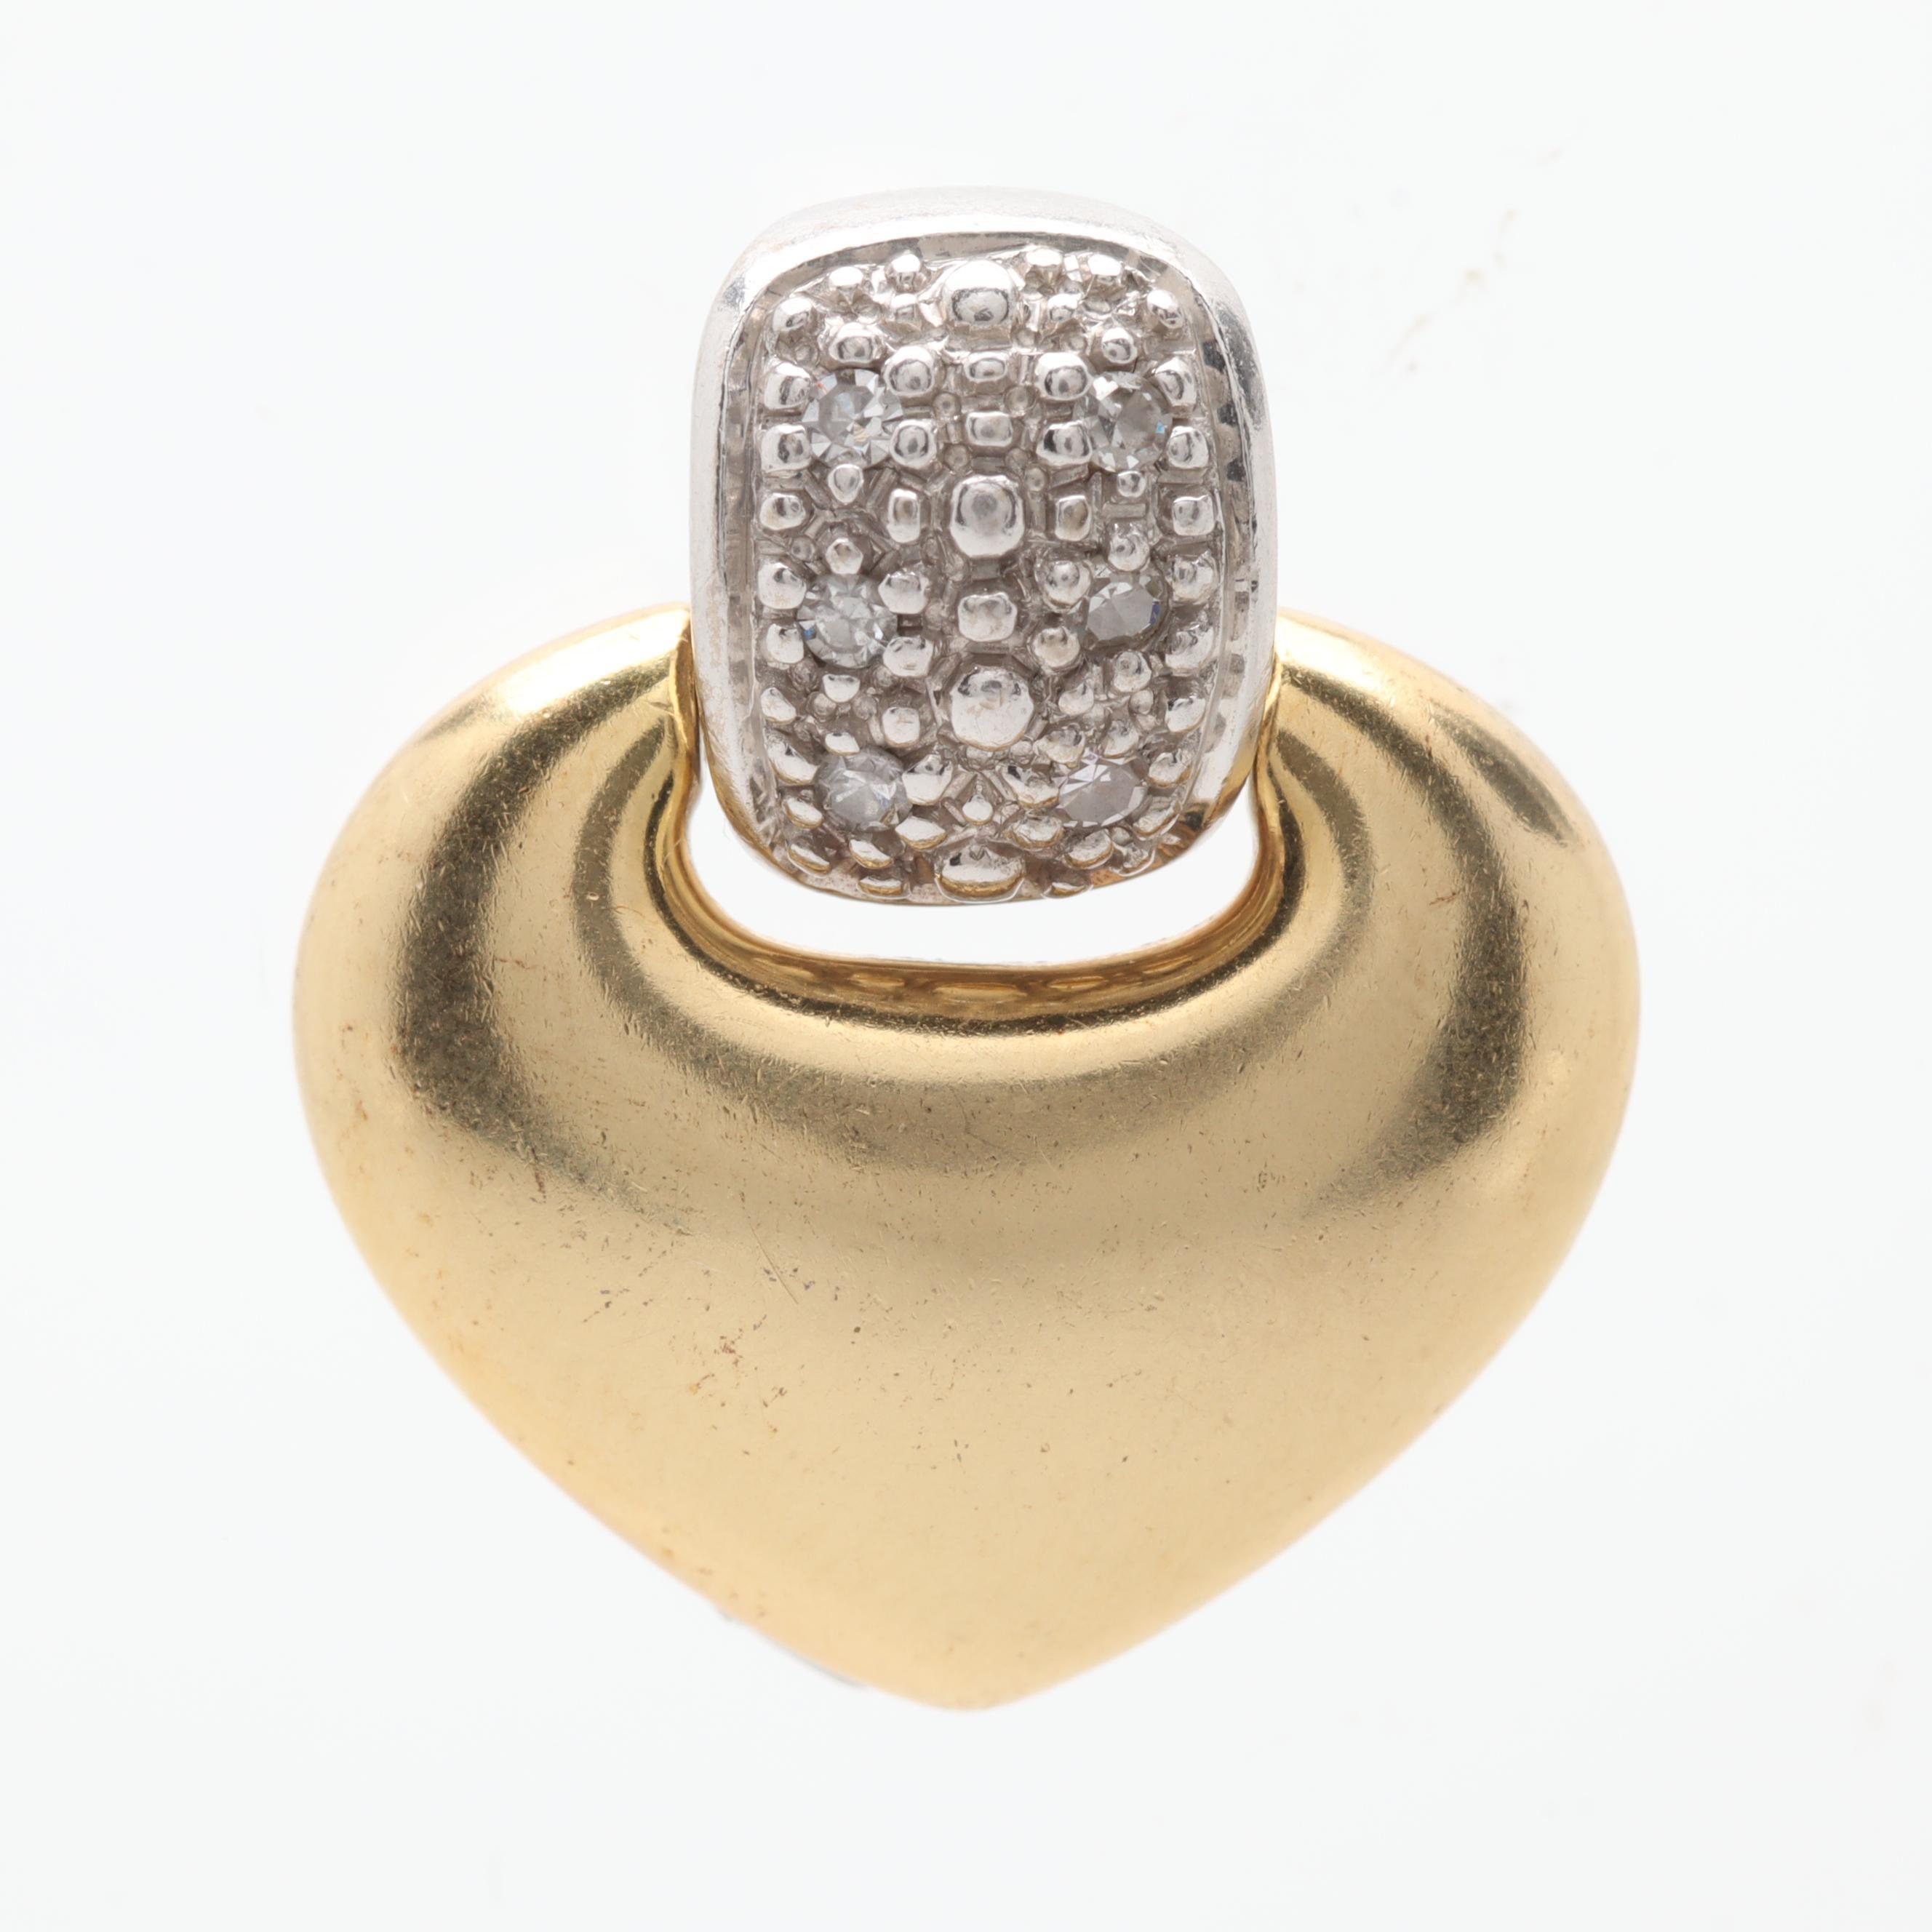 18K Yellow and White Gold Diamond Enhancer Pendant